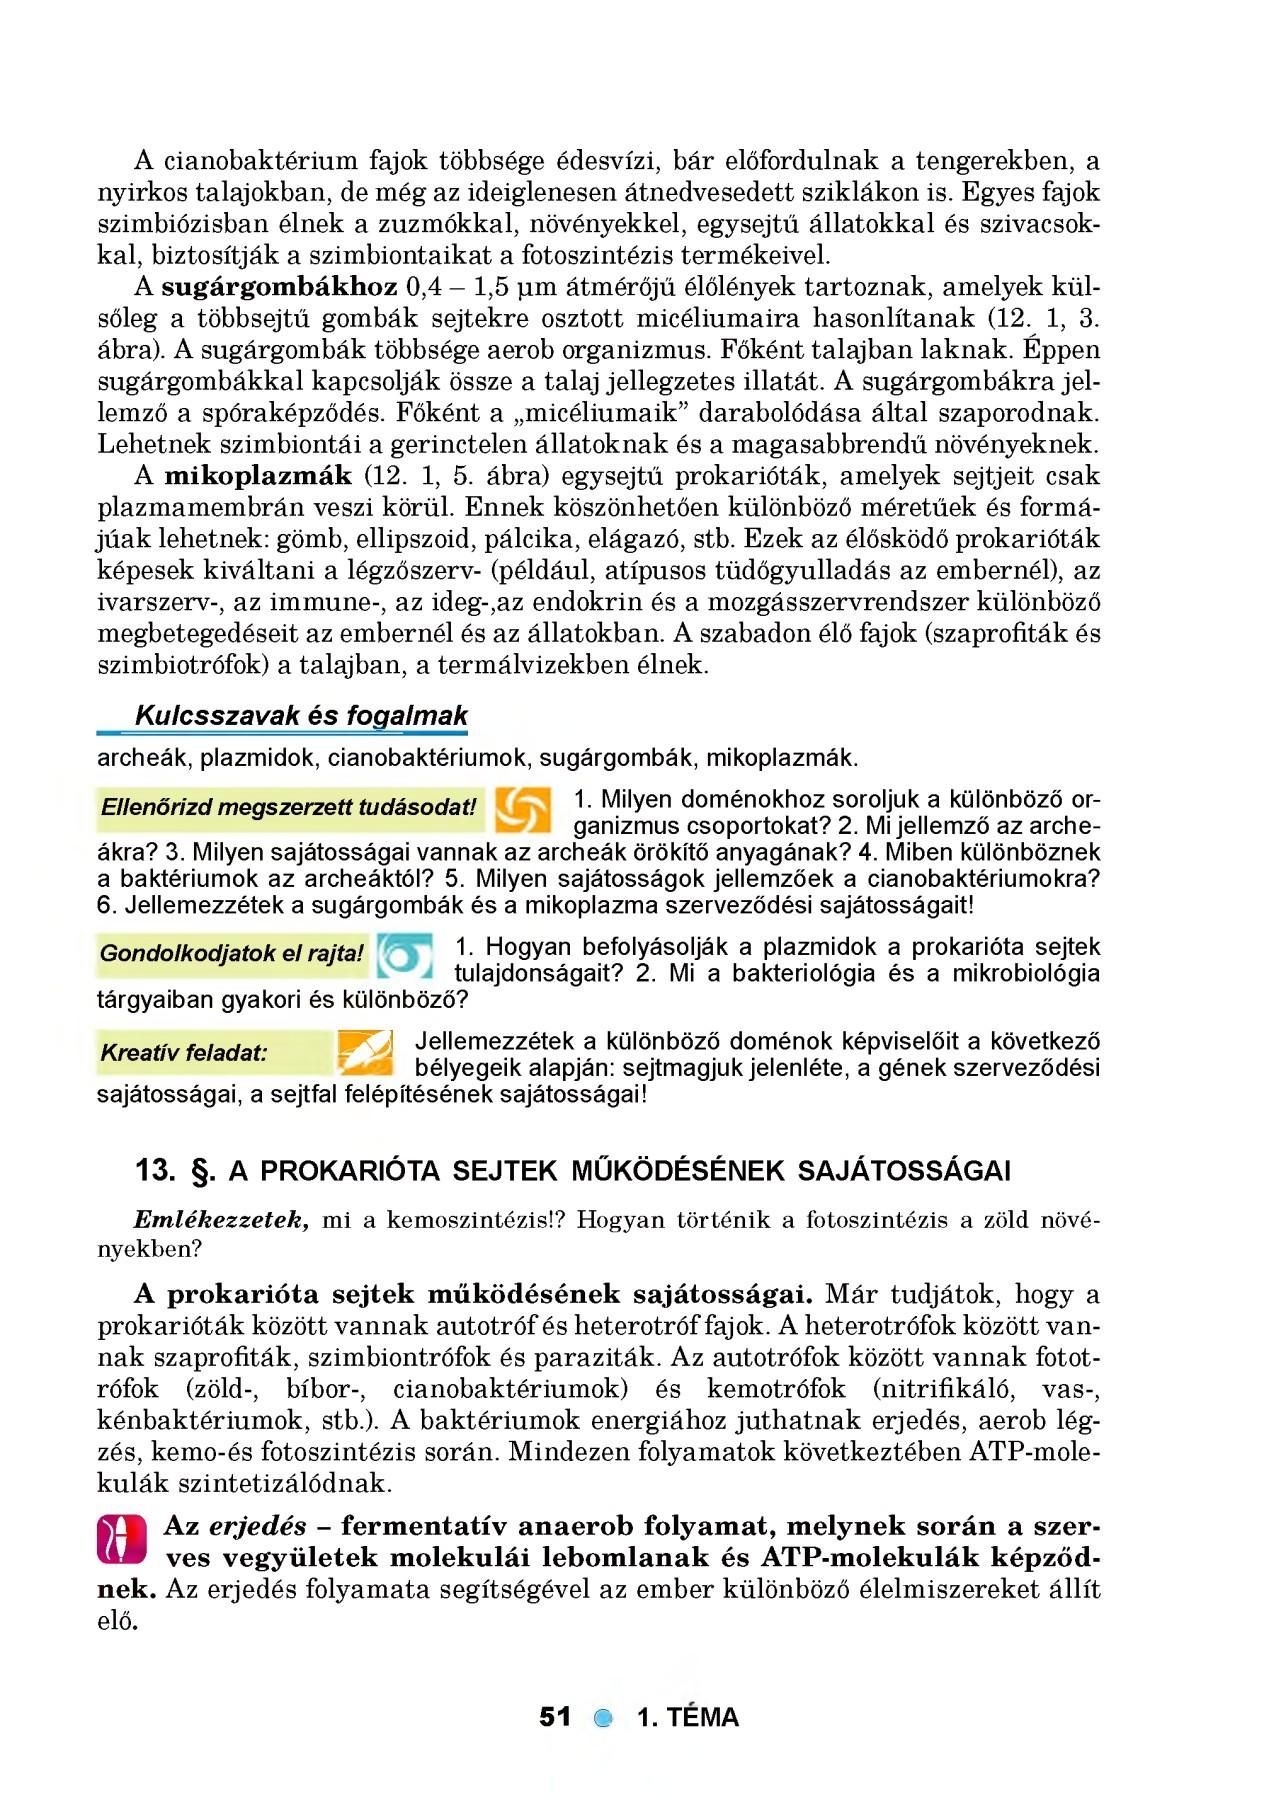 hipertónia kód a mikrobiológia 10 számára gyermekeknél